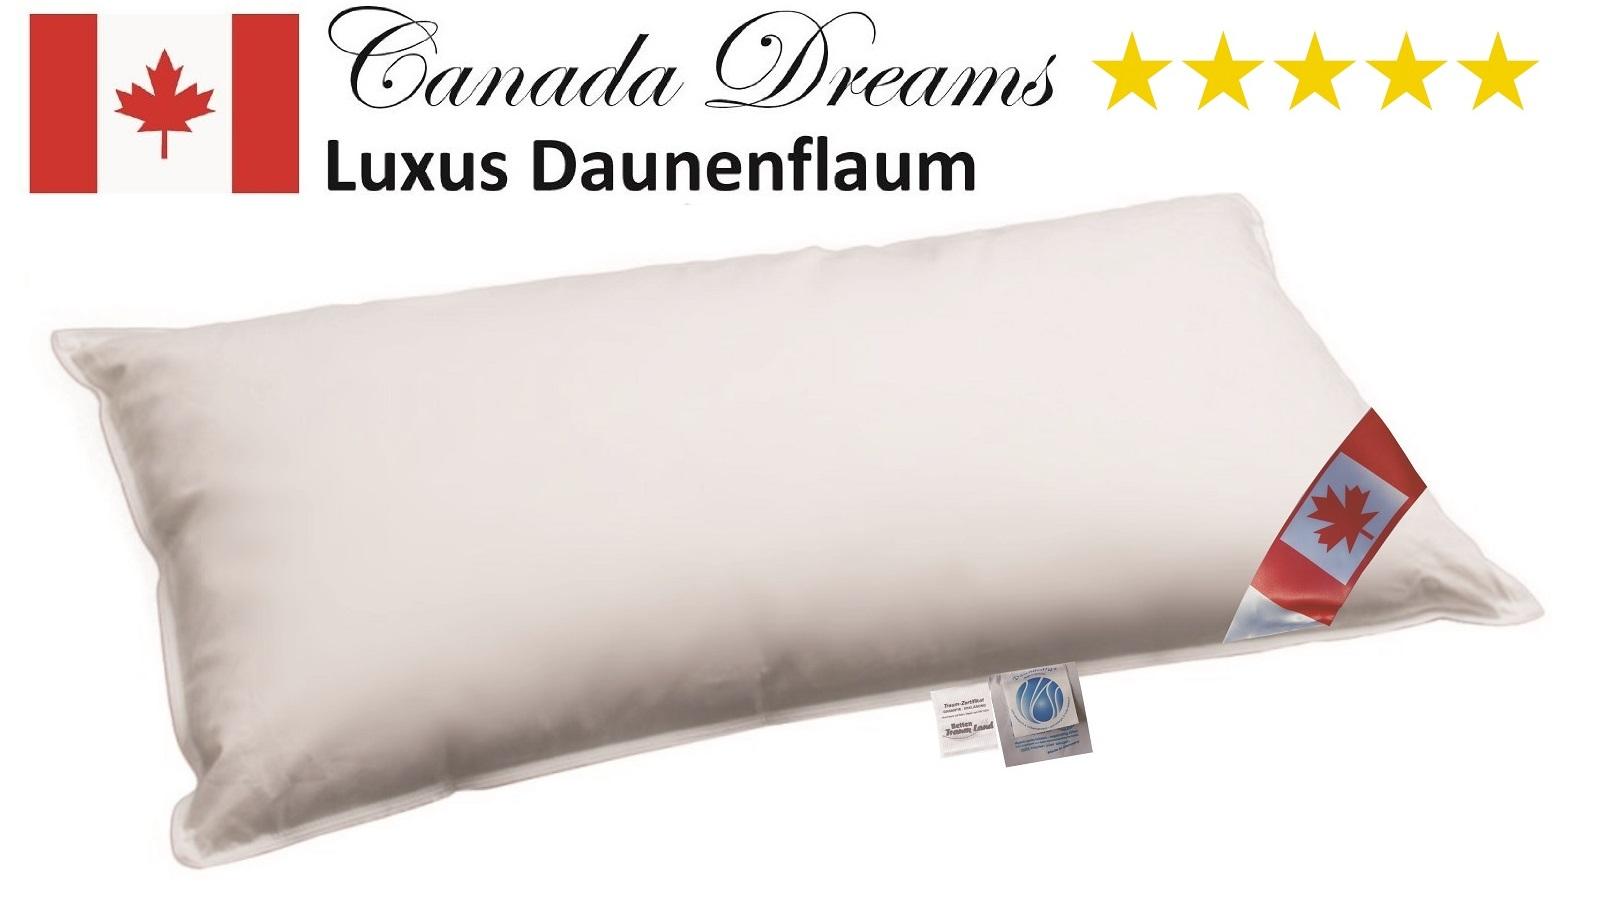 Premium Air Cell 3-Kammer Kissen 40x60 cm 370 g außen 100% Daune